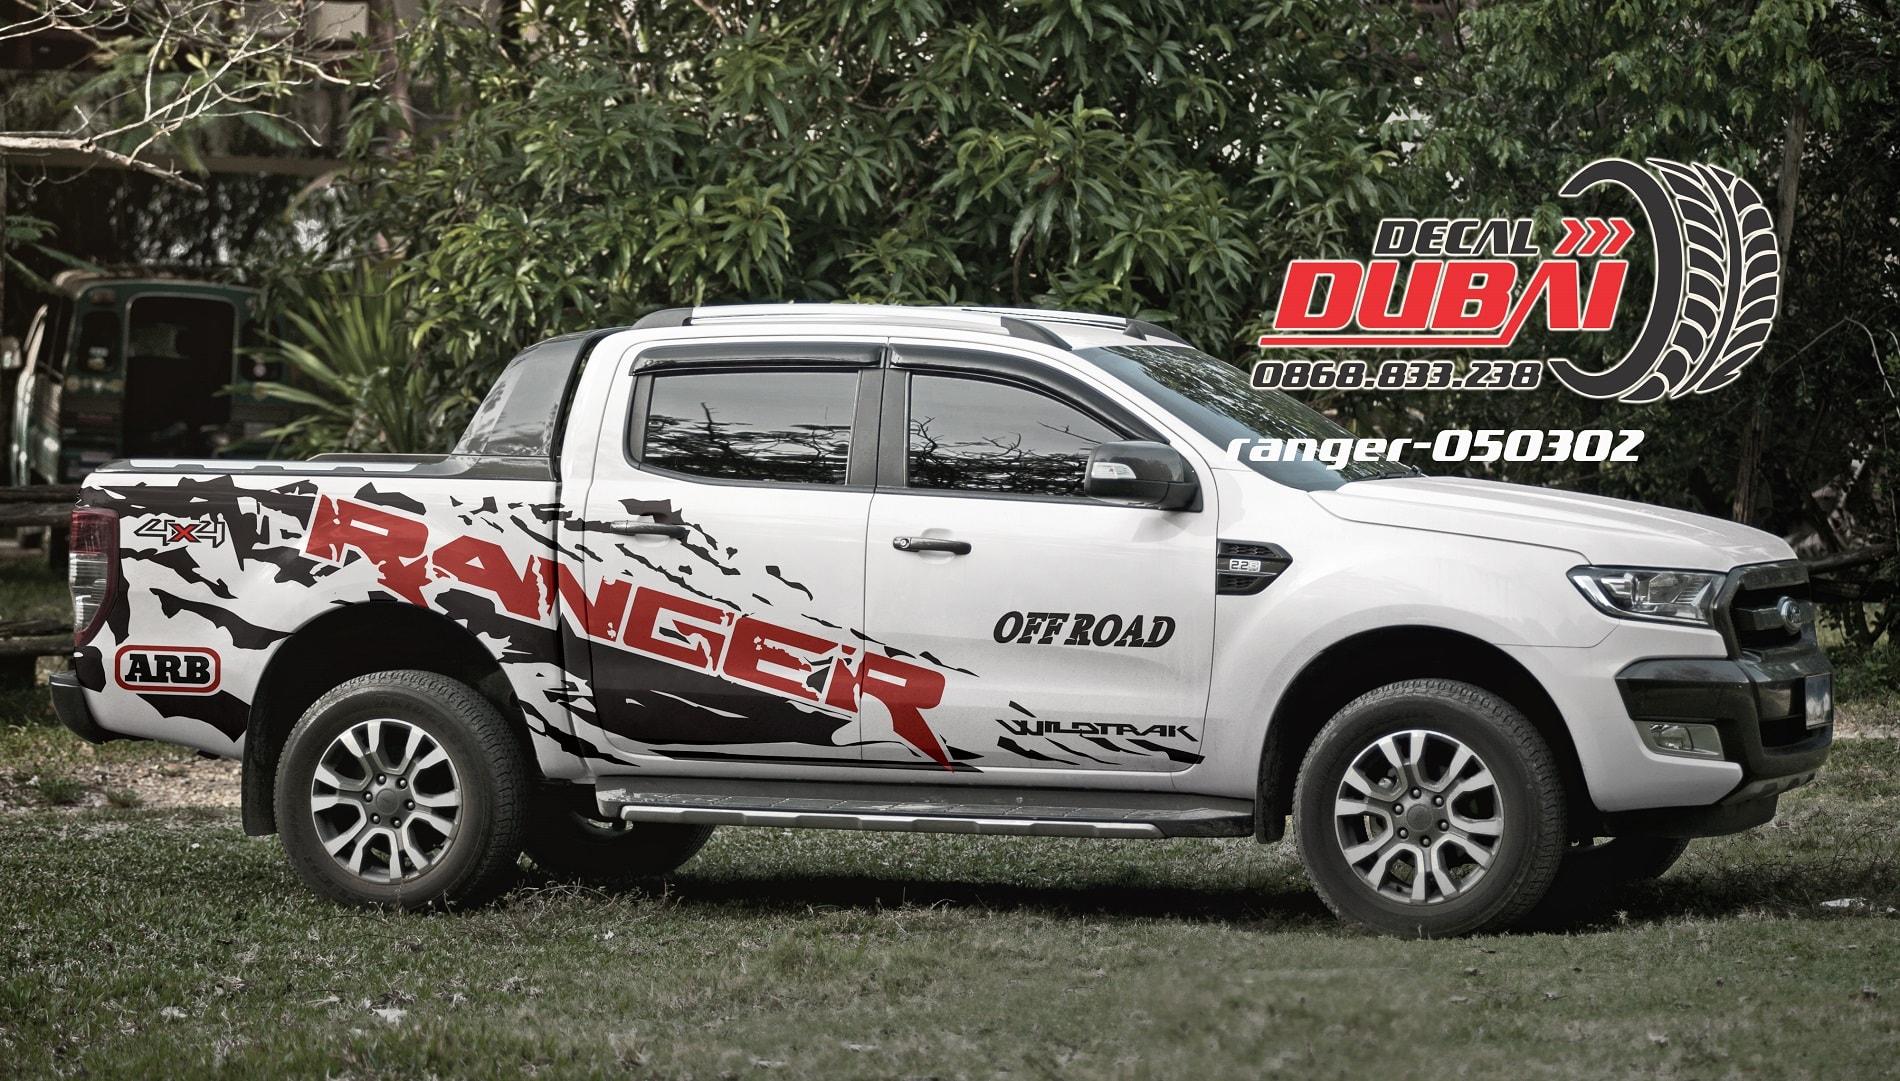 Tem-xe-ranger-050302.1-1450k-min